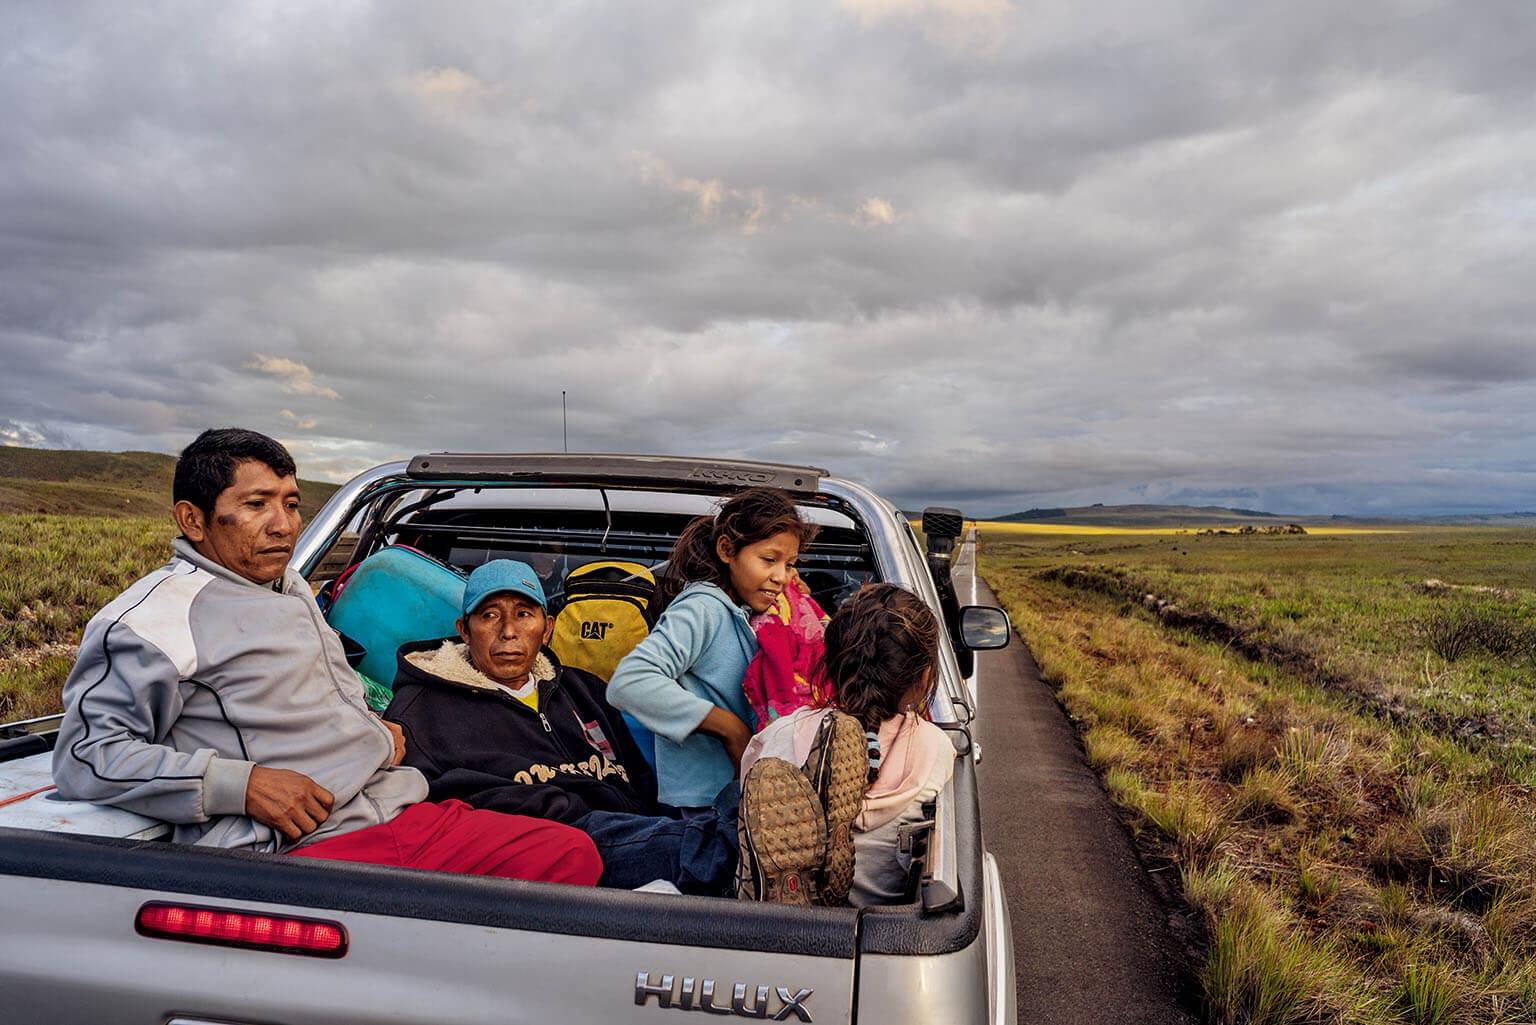 莫拉雷達一家老小坐在小貨車的車斗裡,離開位在委內瑞拉奧里諾科河三角洲的家鄉。經濟崩潰已在委內瑞拉引發暴力和物資匱乏,這一家人希望在巴西能建立較好的生活。攝影: 菲德利科.里歐斯 FEDERICO RIOS